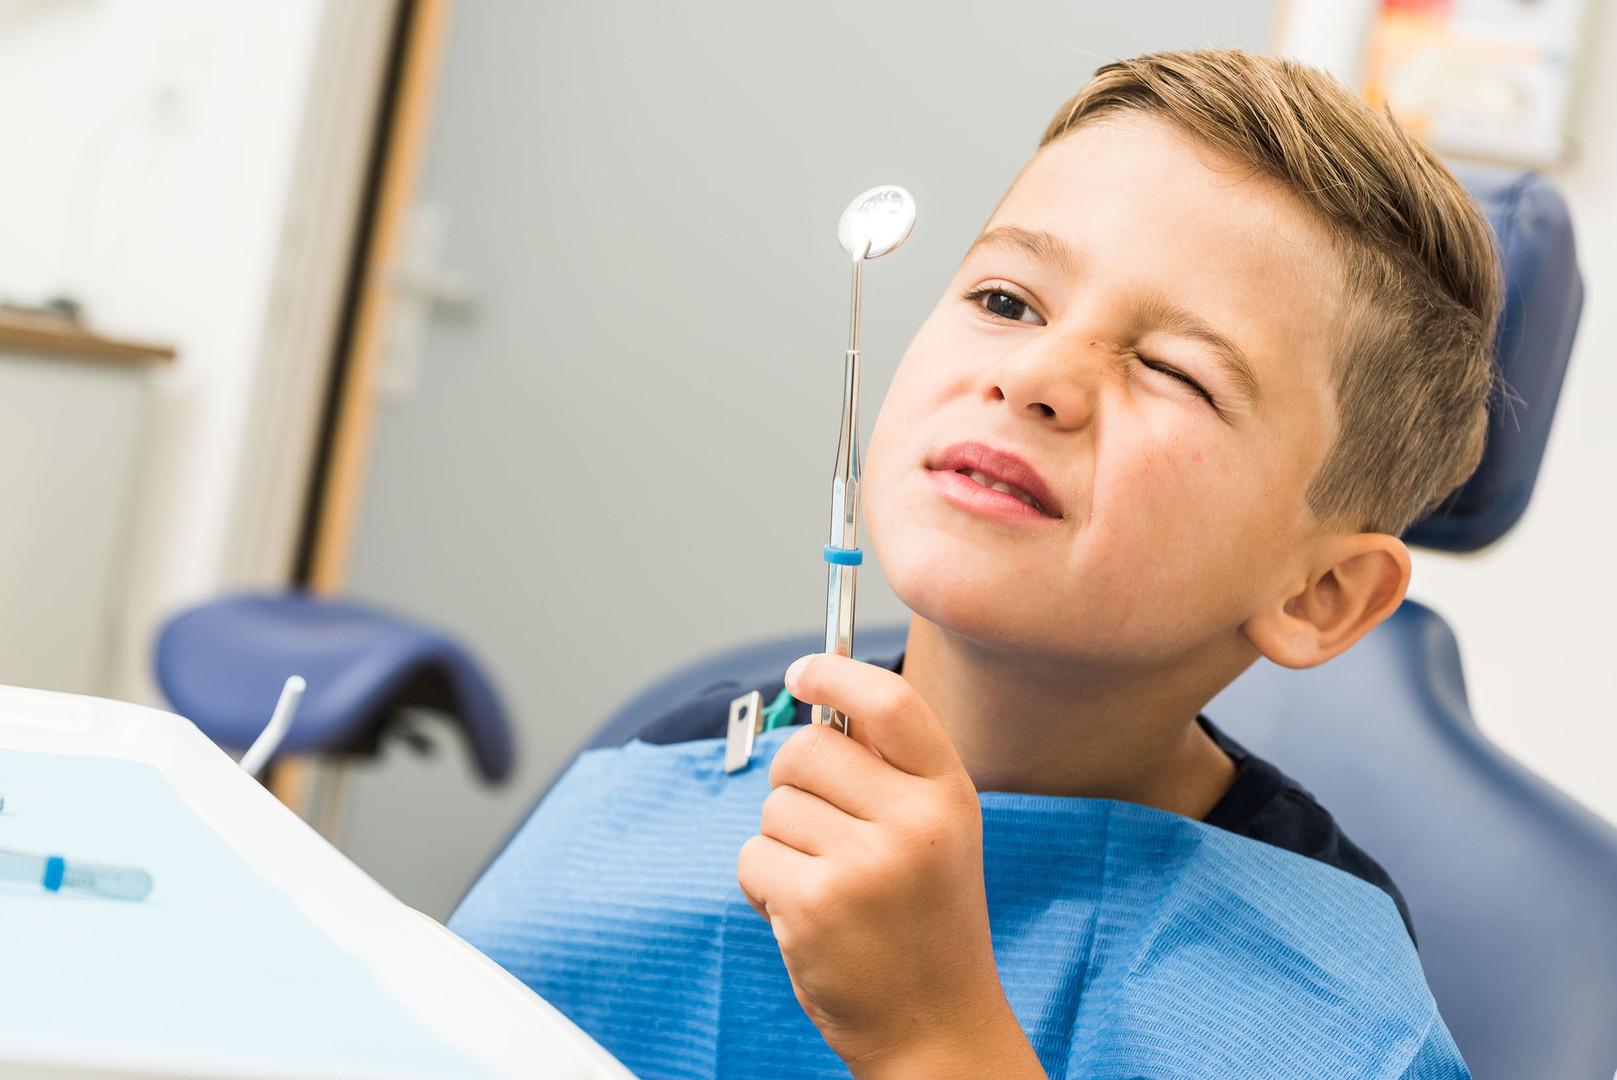 Kinderzahnheilkunde - Mund-Kiefer-Gesichtschirurgie Dorsten